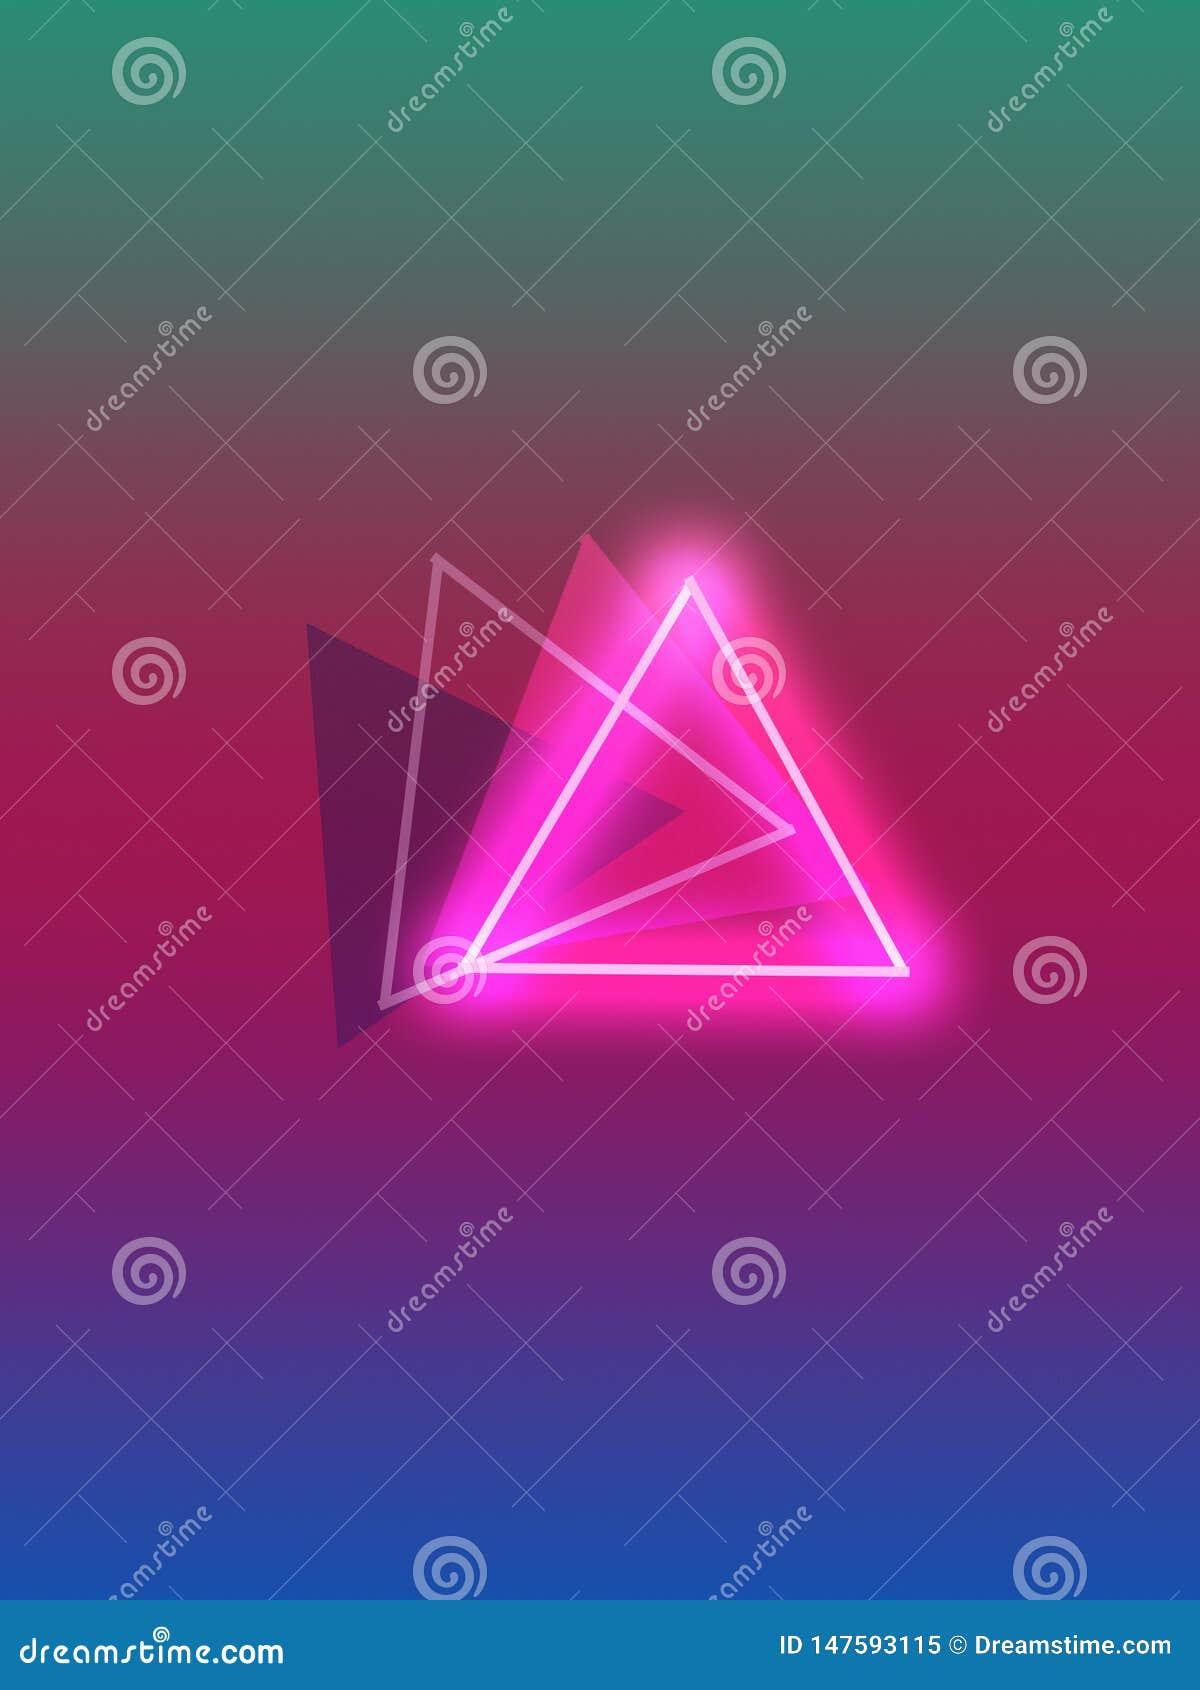 Cuatro triángulos con colores hermosos y neónes agradables